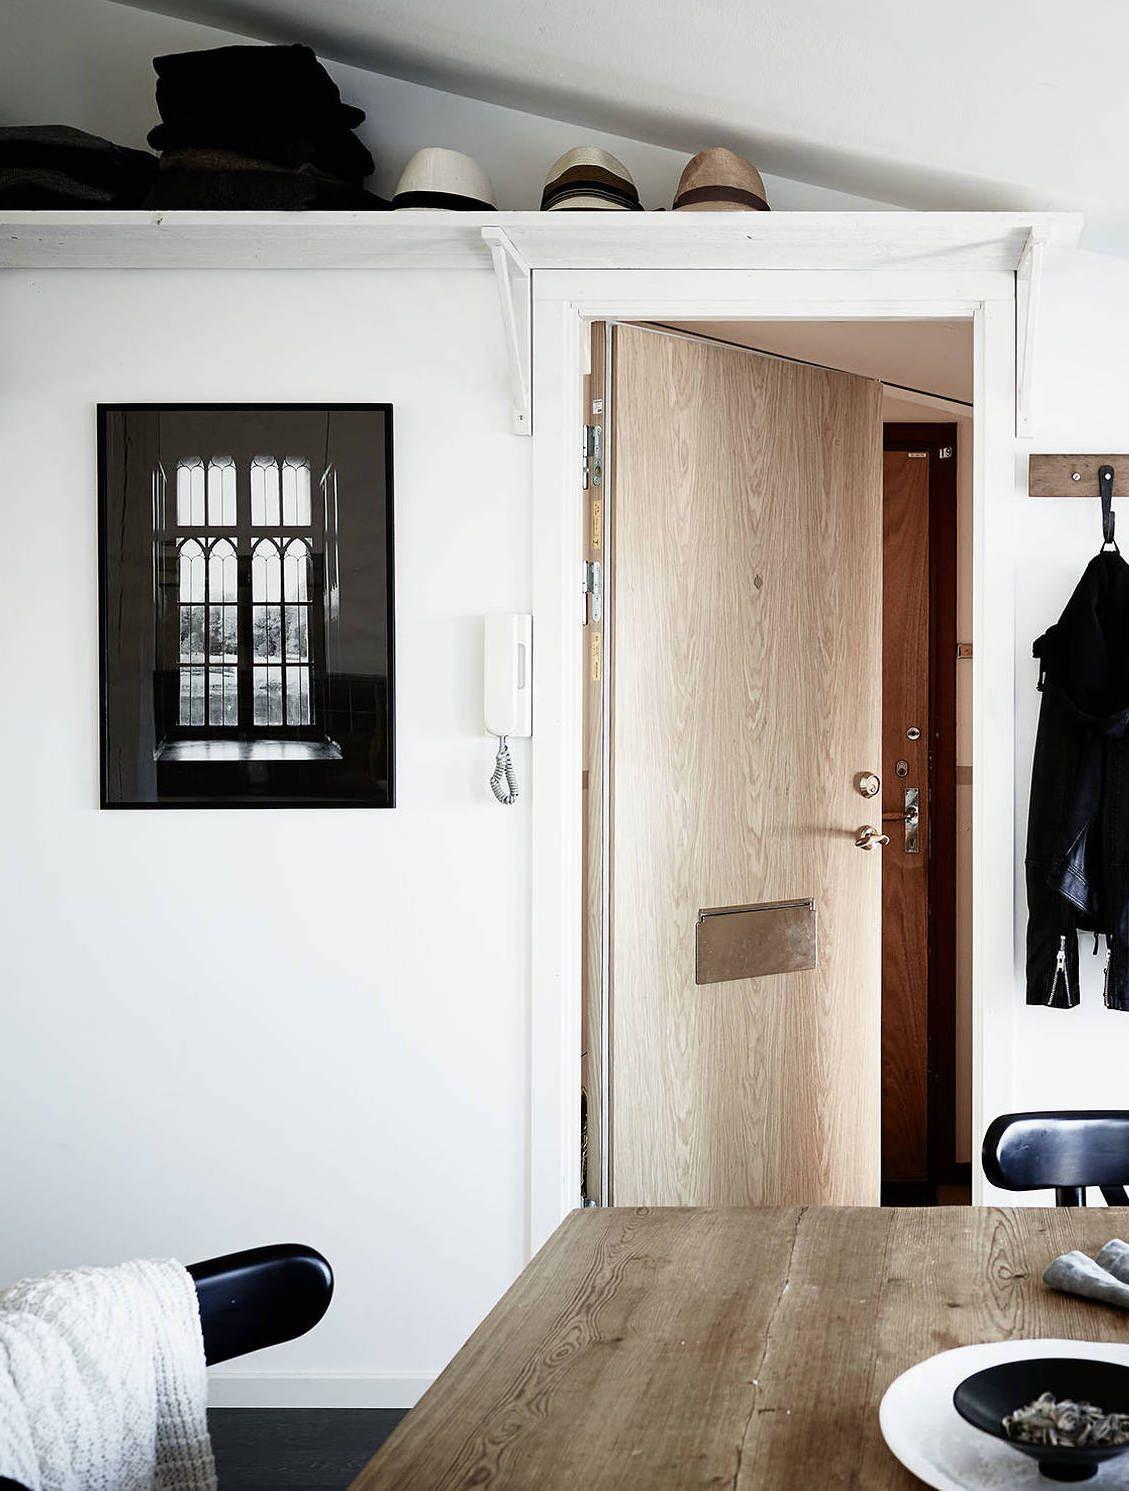 Small Stylish Attic Apartment Via Coco Lapine Design Attic Apartment Attic House Small Attic Room